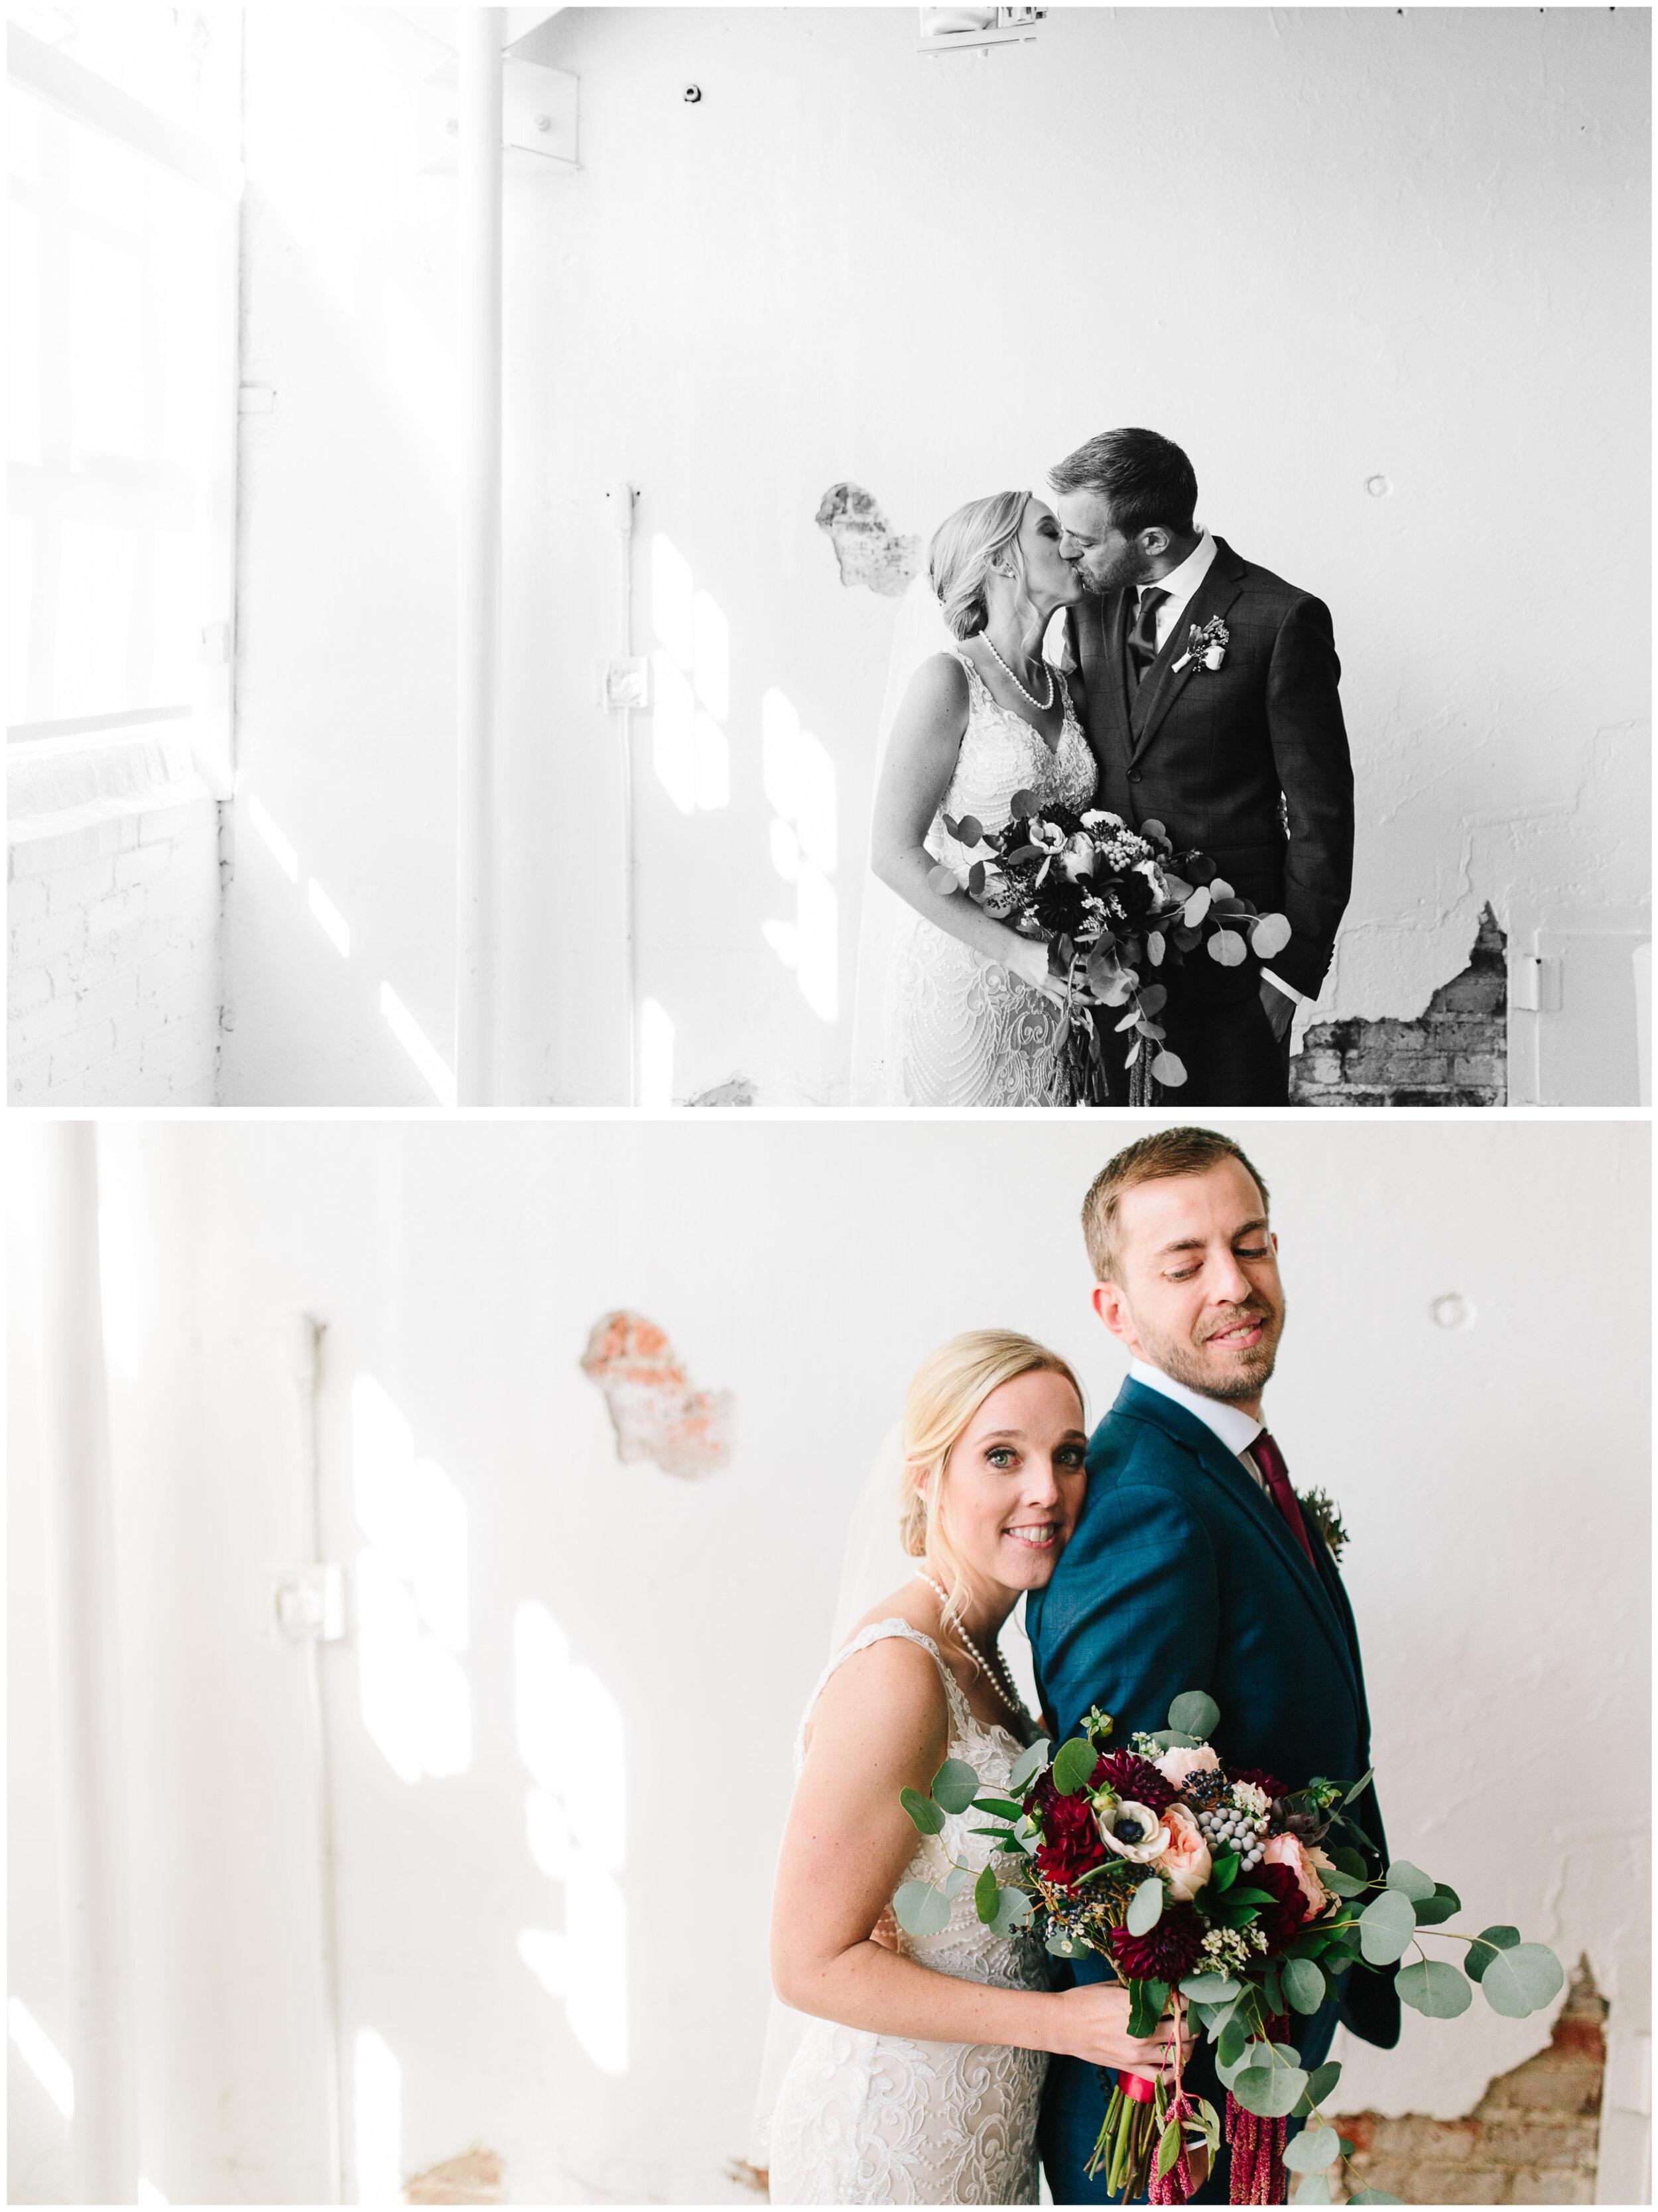 Blanc_Denver_Wedding_33.jpg